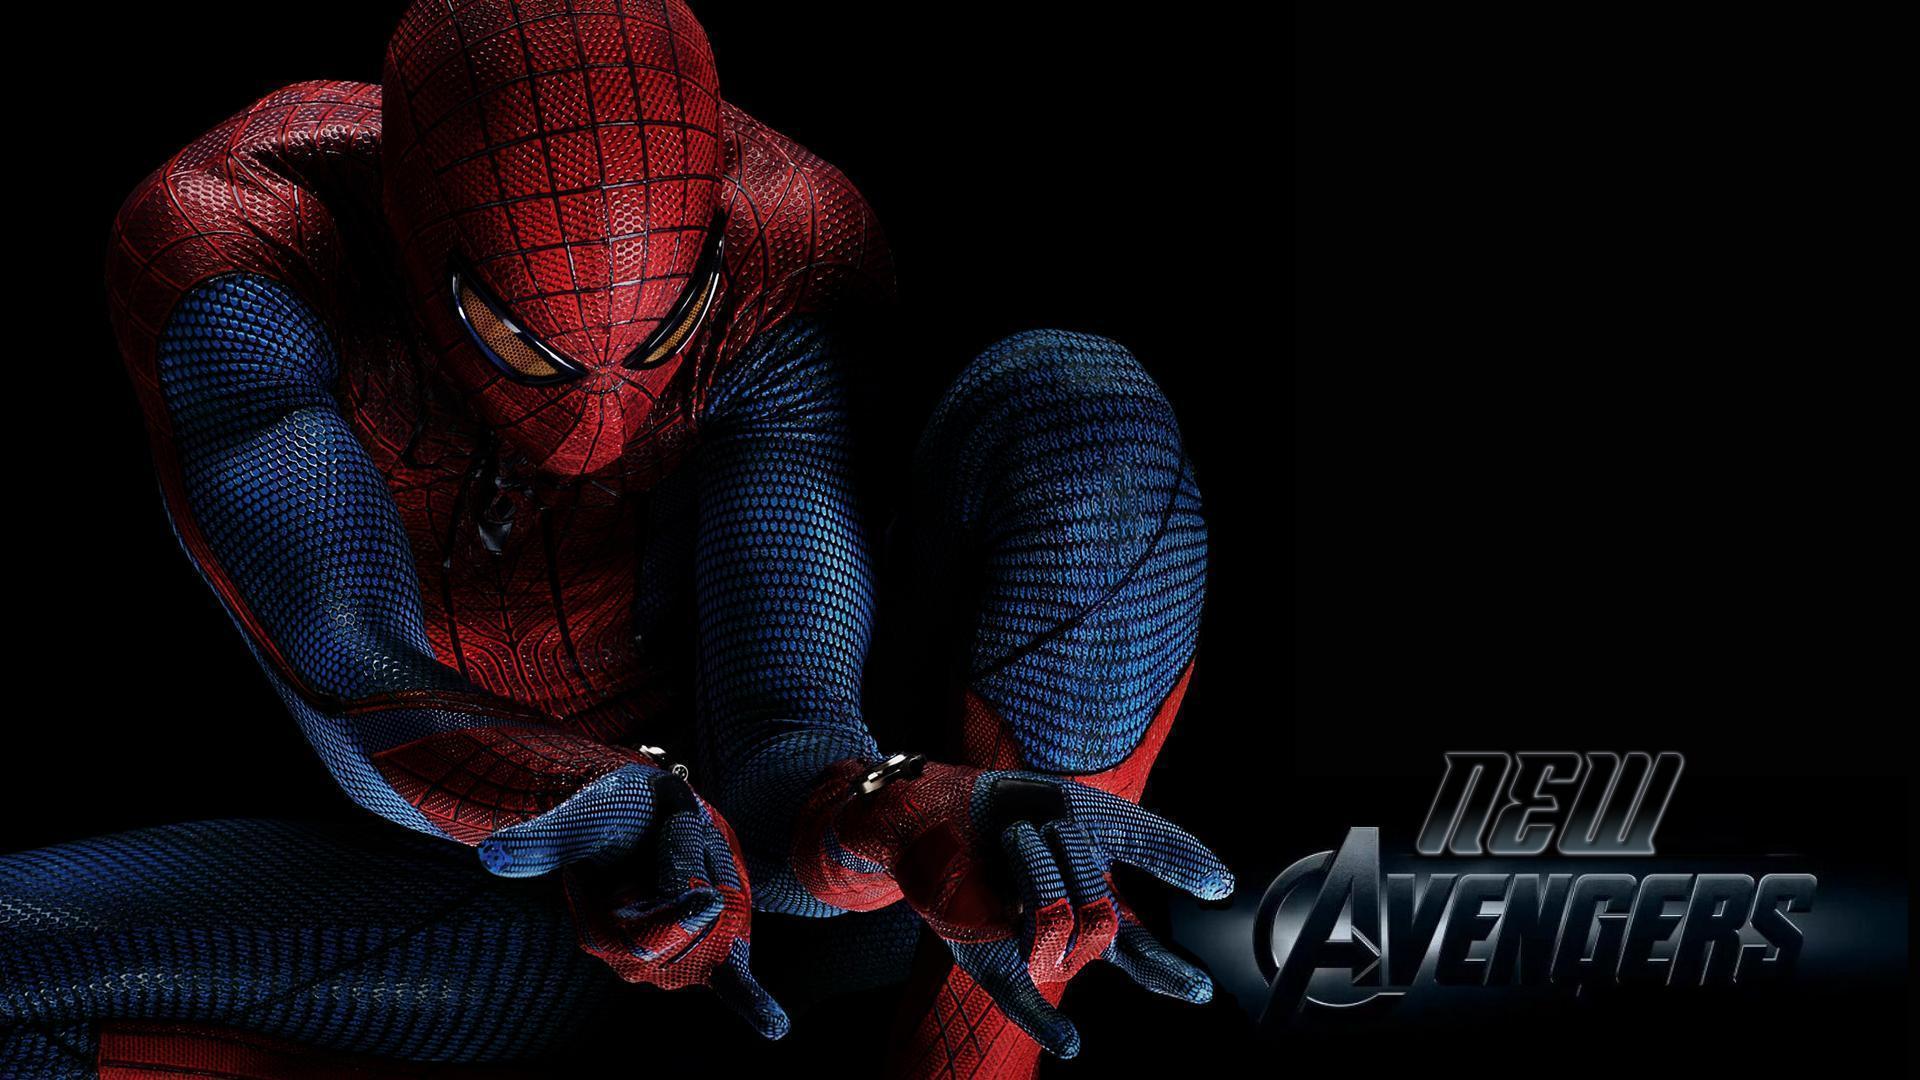 New Avengers - Spider-man HD Wallpaper » FullHDWpp - Full HD ...